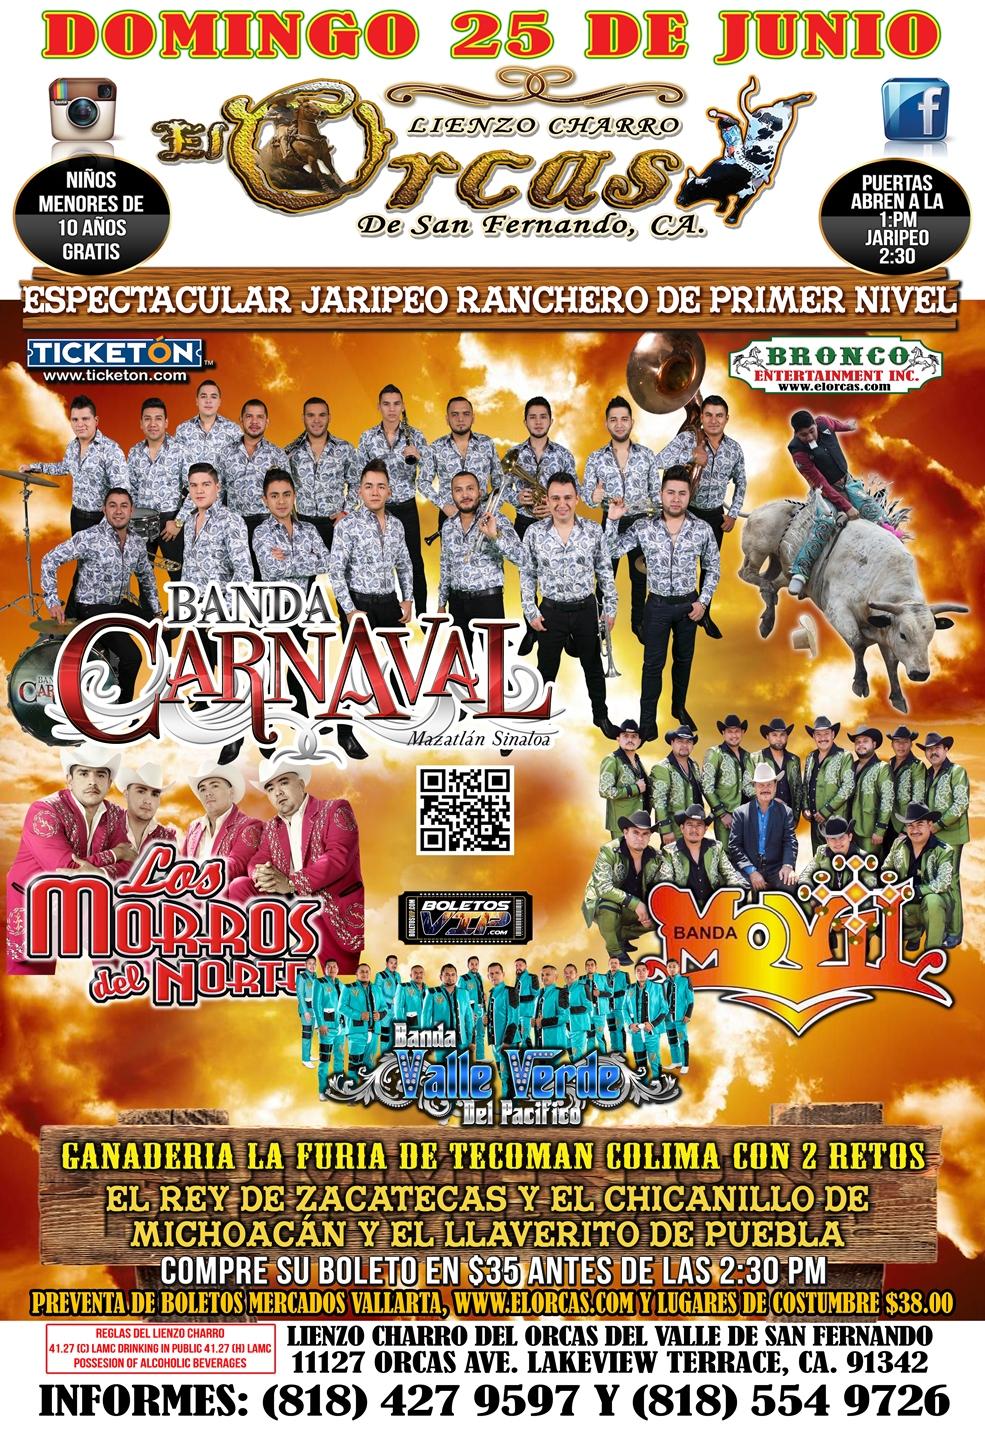 GRAN JARIPEO - BANDA CARNAVAL - Events - Universe